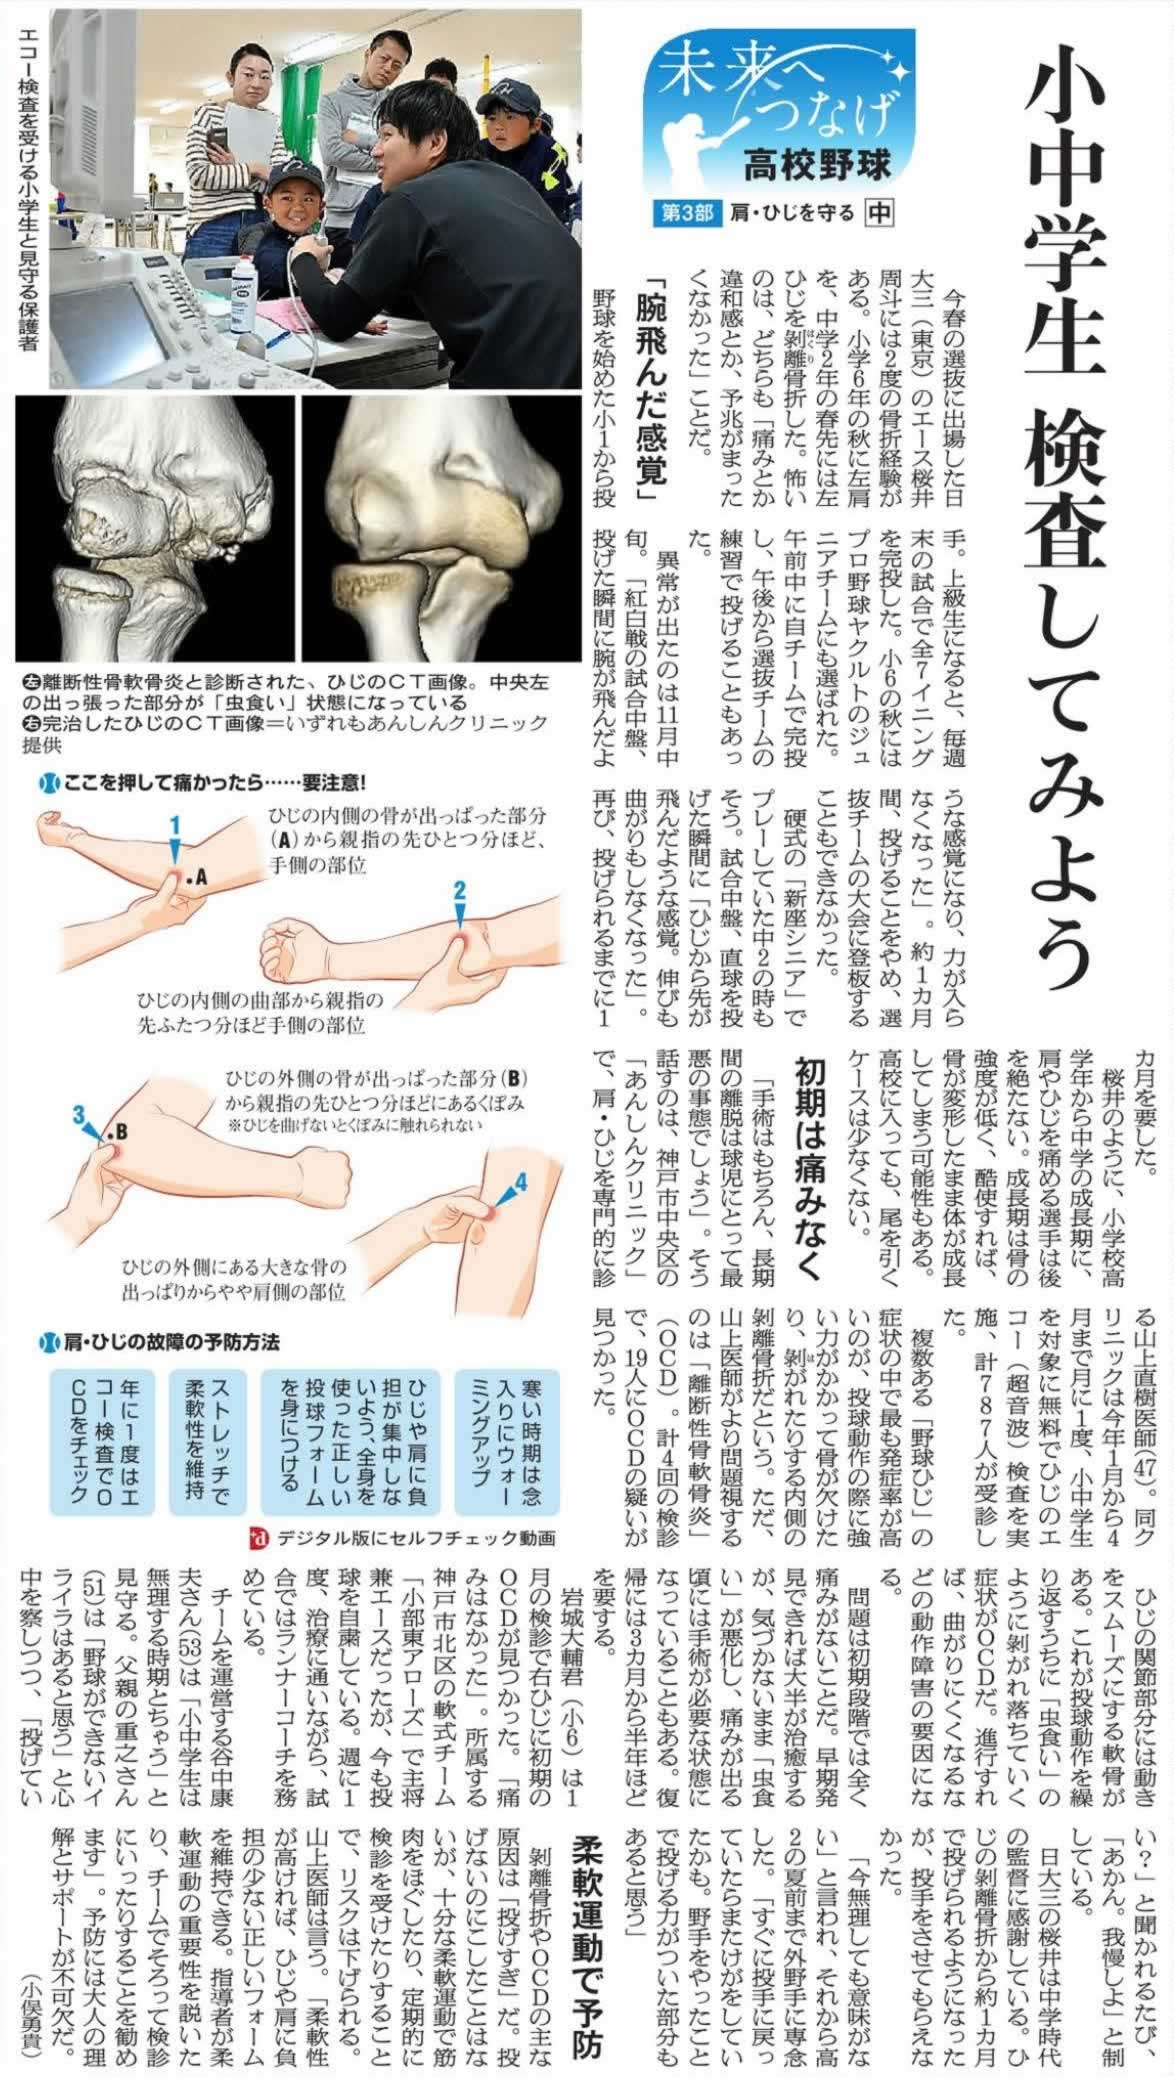 朝日新聞 あんしん野球肘検診